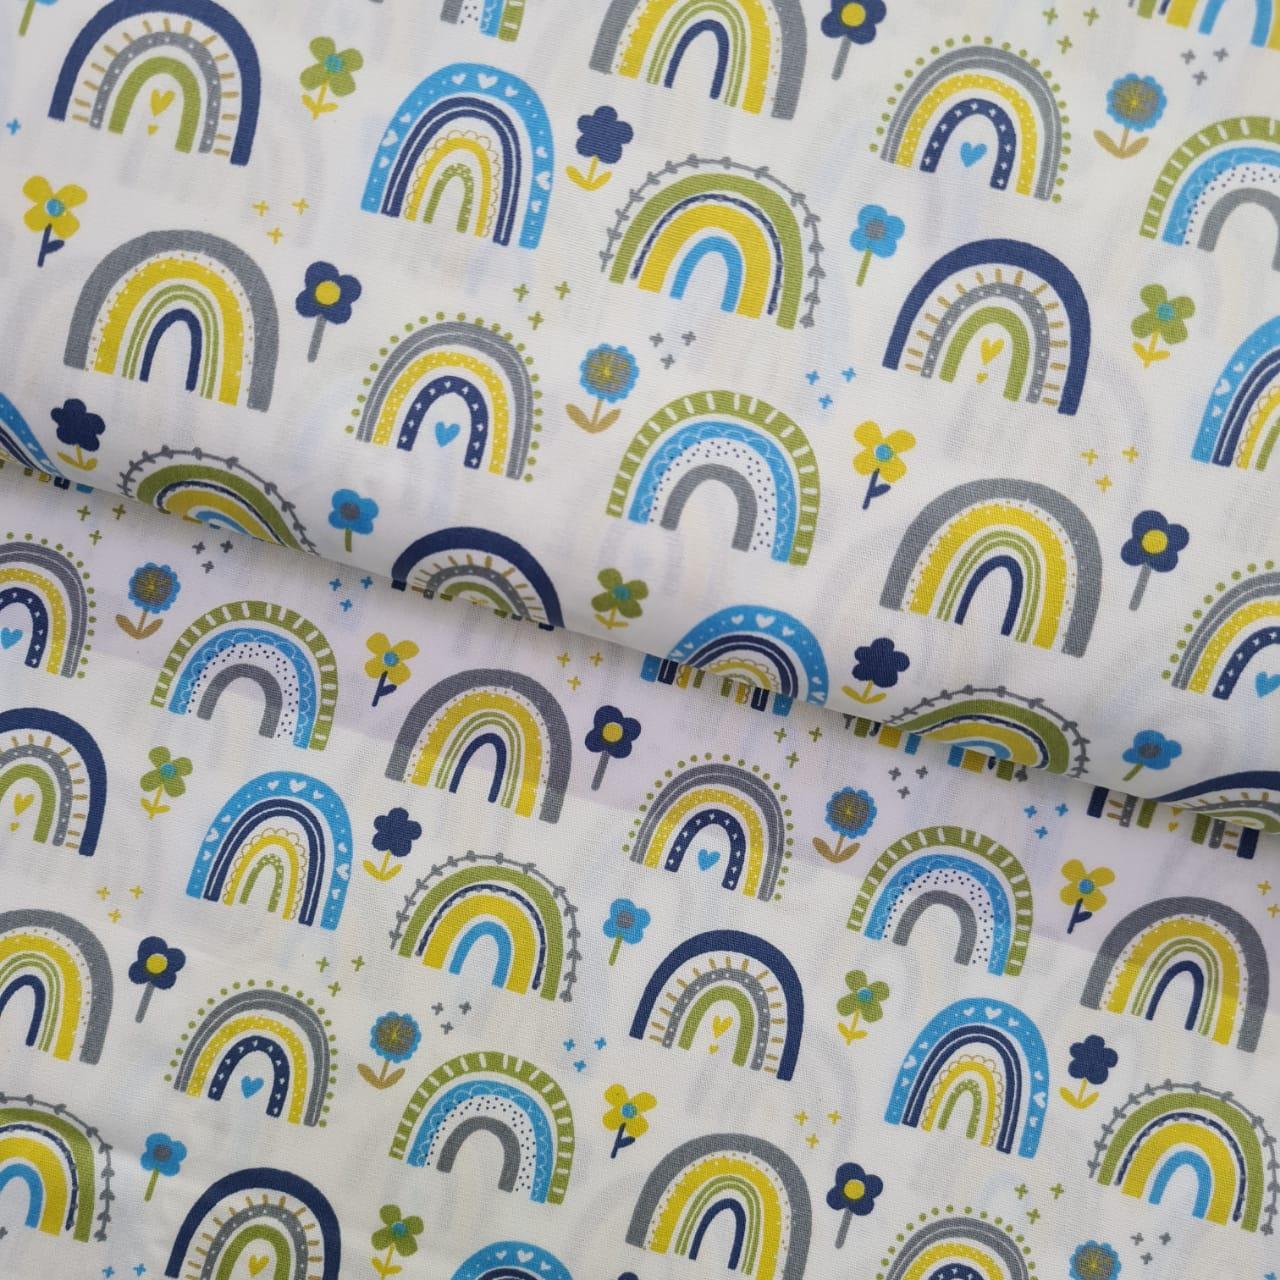 Tecido Blue Flower Rainbow Coleção Over The Rainbow